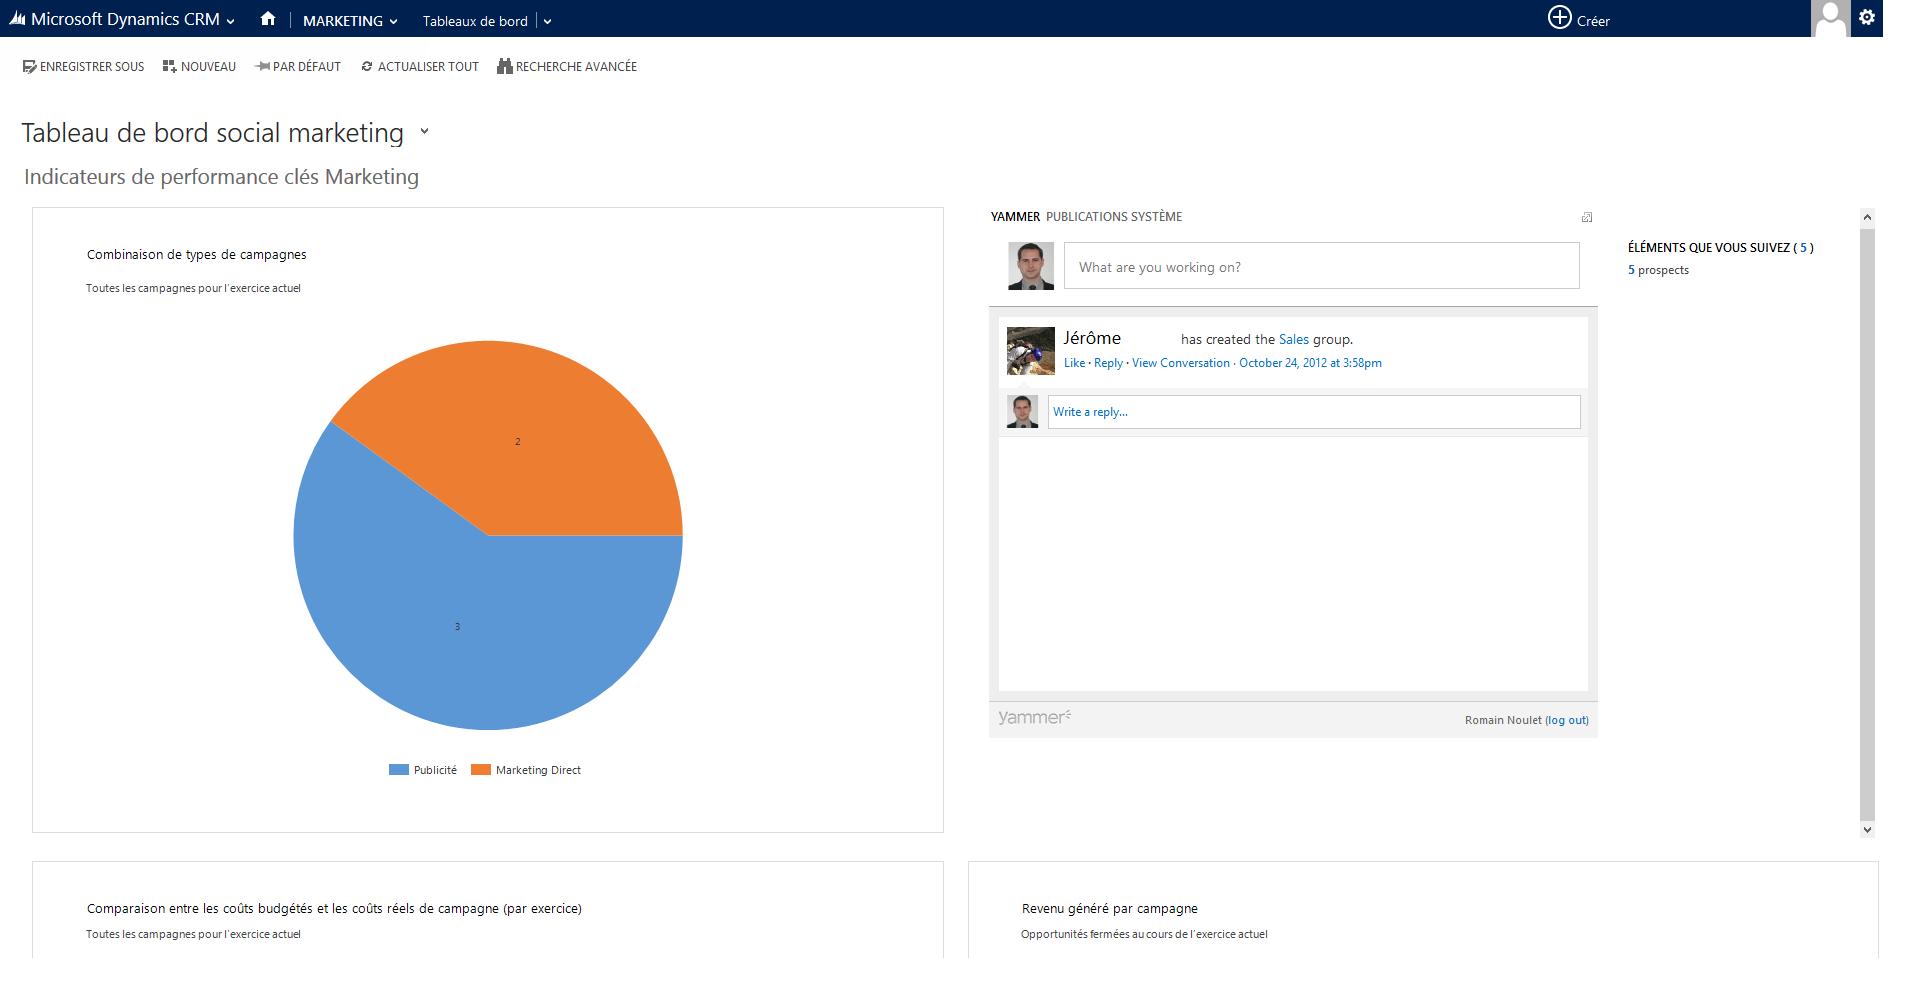 Microsoft Dynamics CRM: Tipo di contatto, l'assicurazione contro la perdita di dati, etichette